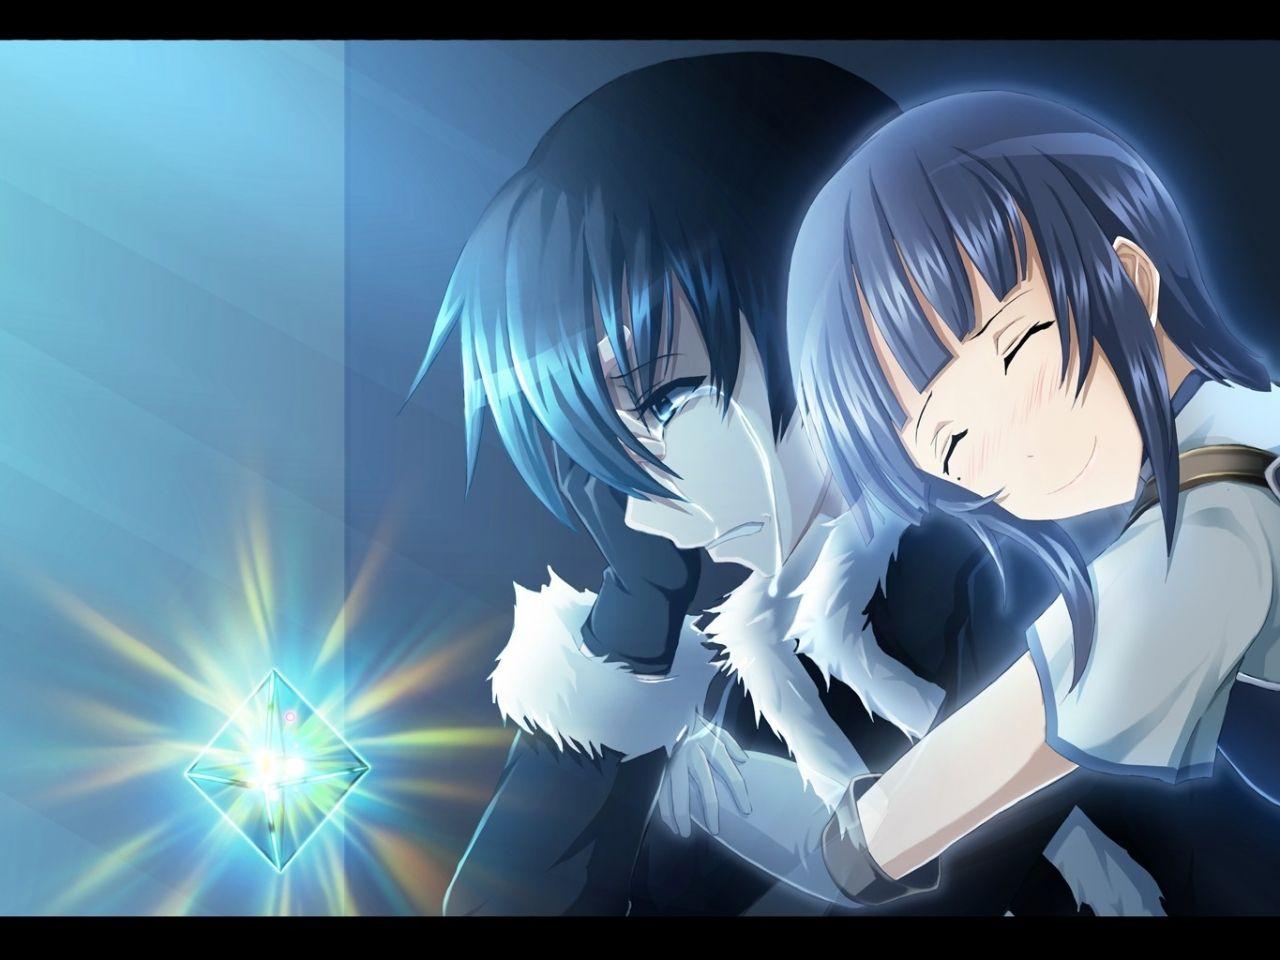 ojos azules azules pelo corto anime boys pelo azul